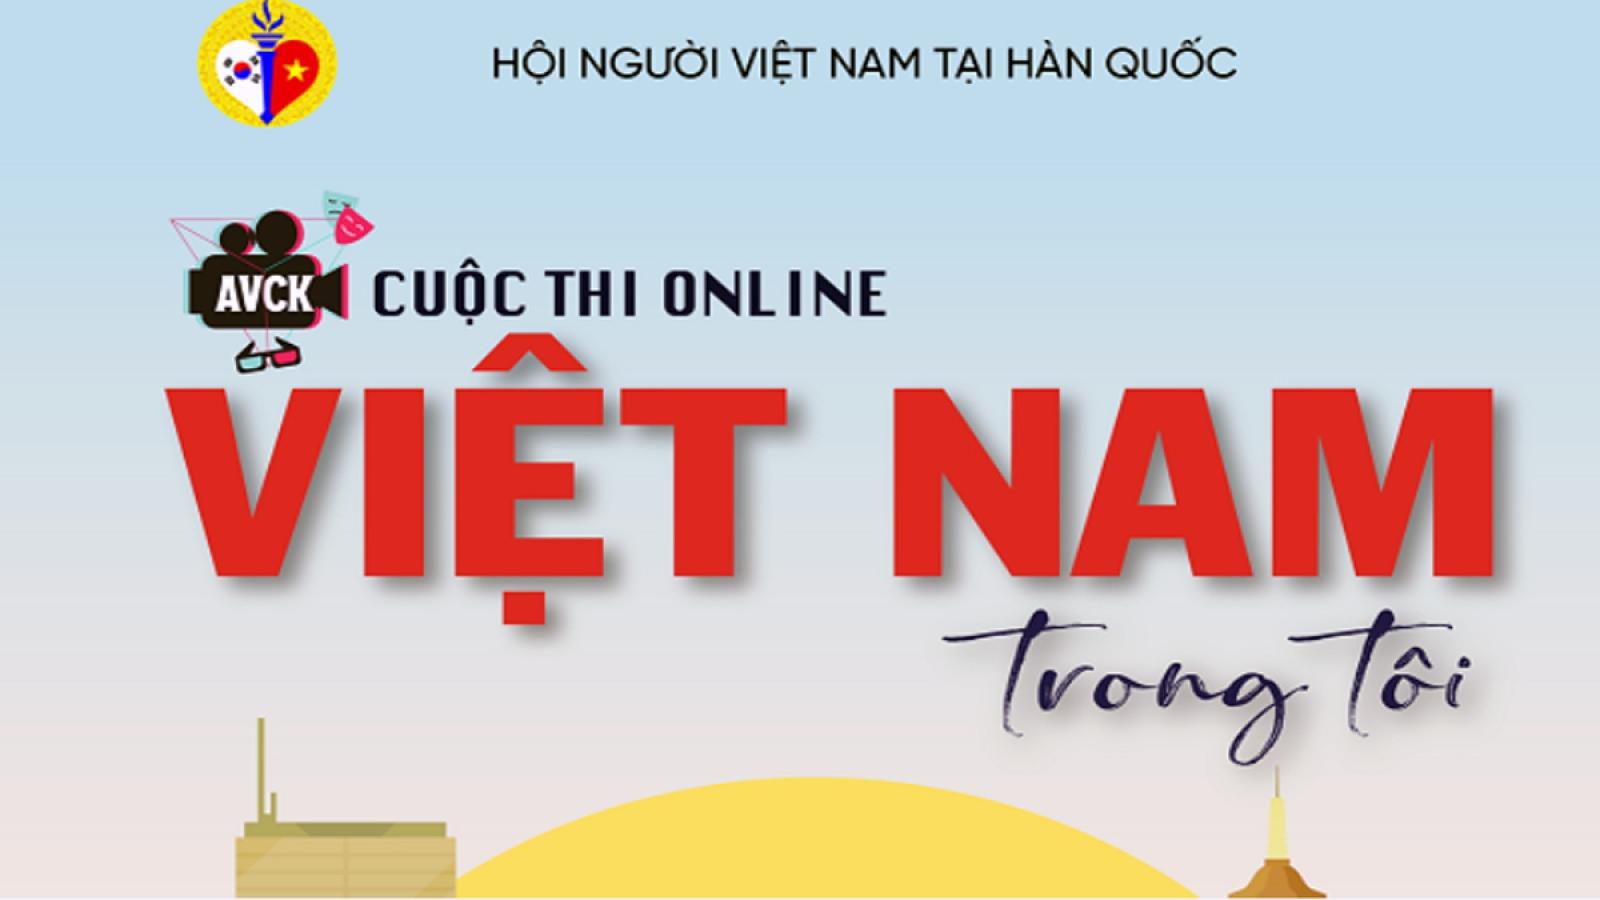 Vietnam video making contest winners honoured in RoK